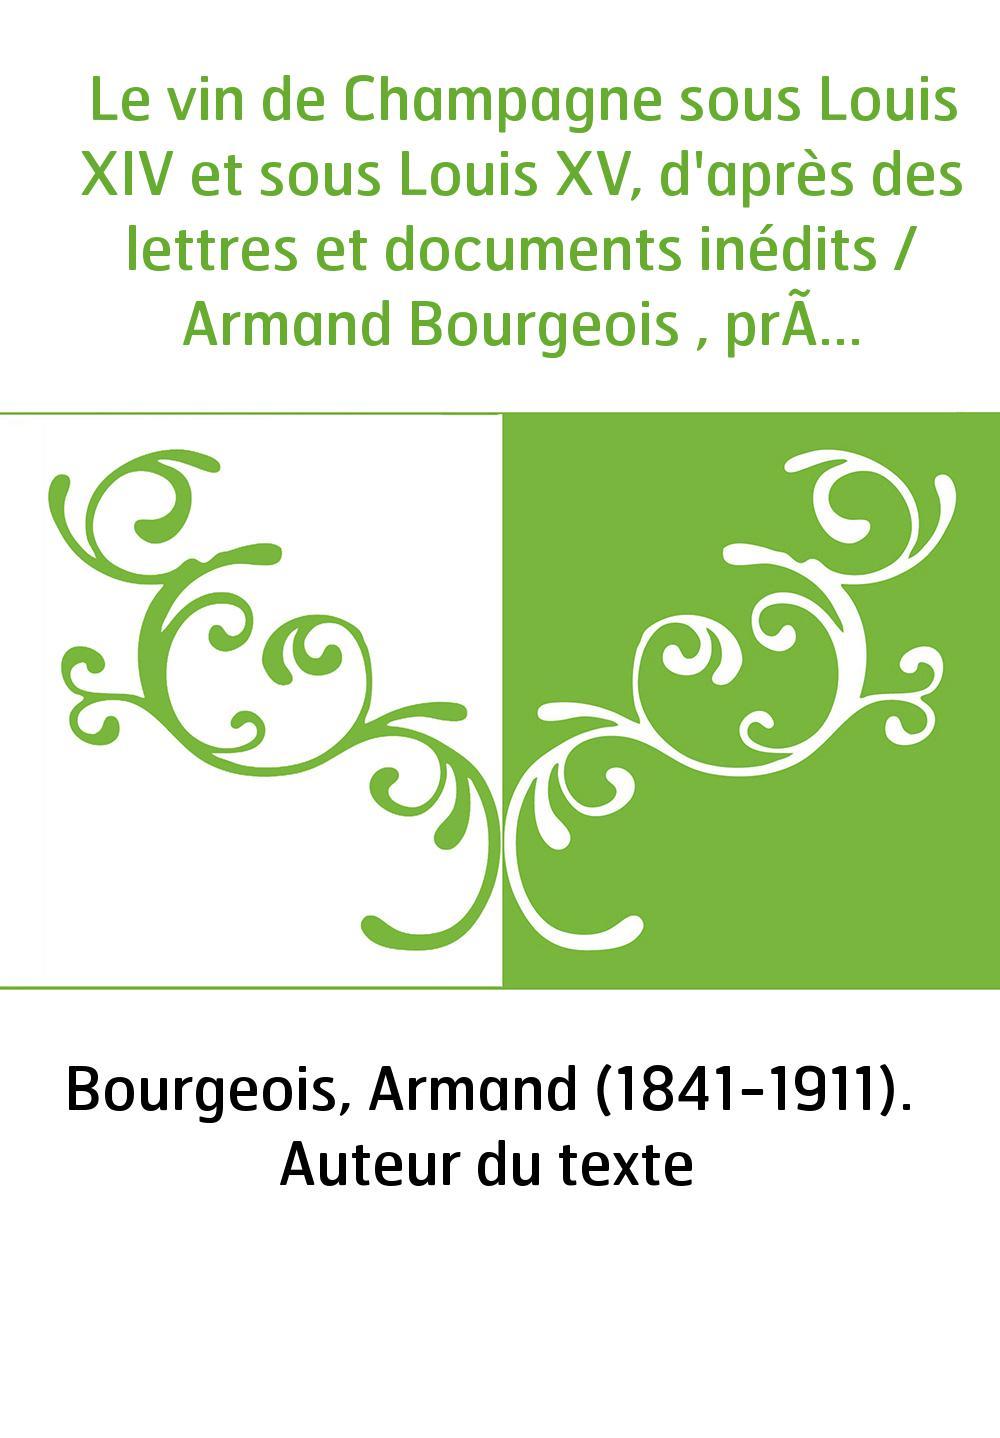 Le vin de Champagne sous Louis XIV et sous Louis XV, d'après des lettres et documents inédits / Armand Bourgeois , préface d'Arm